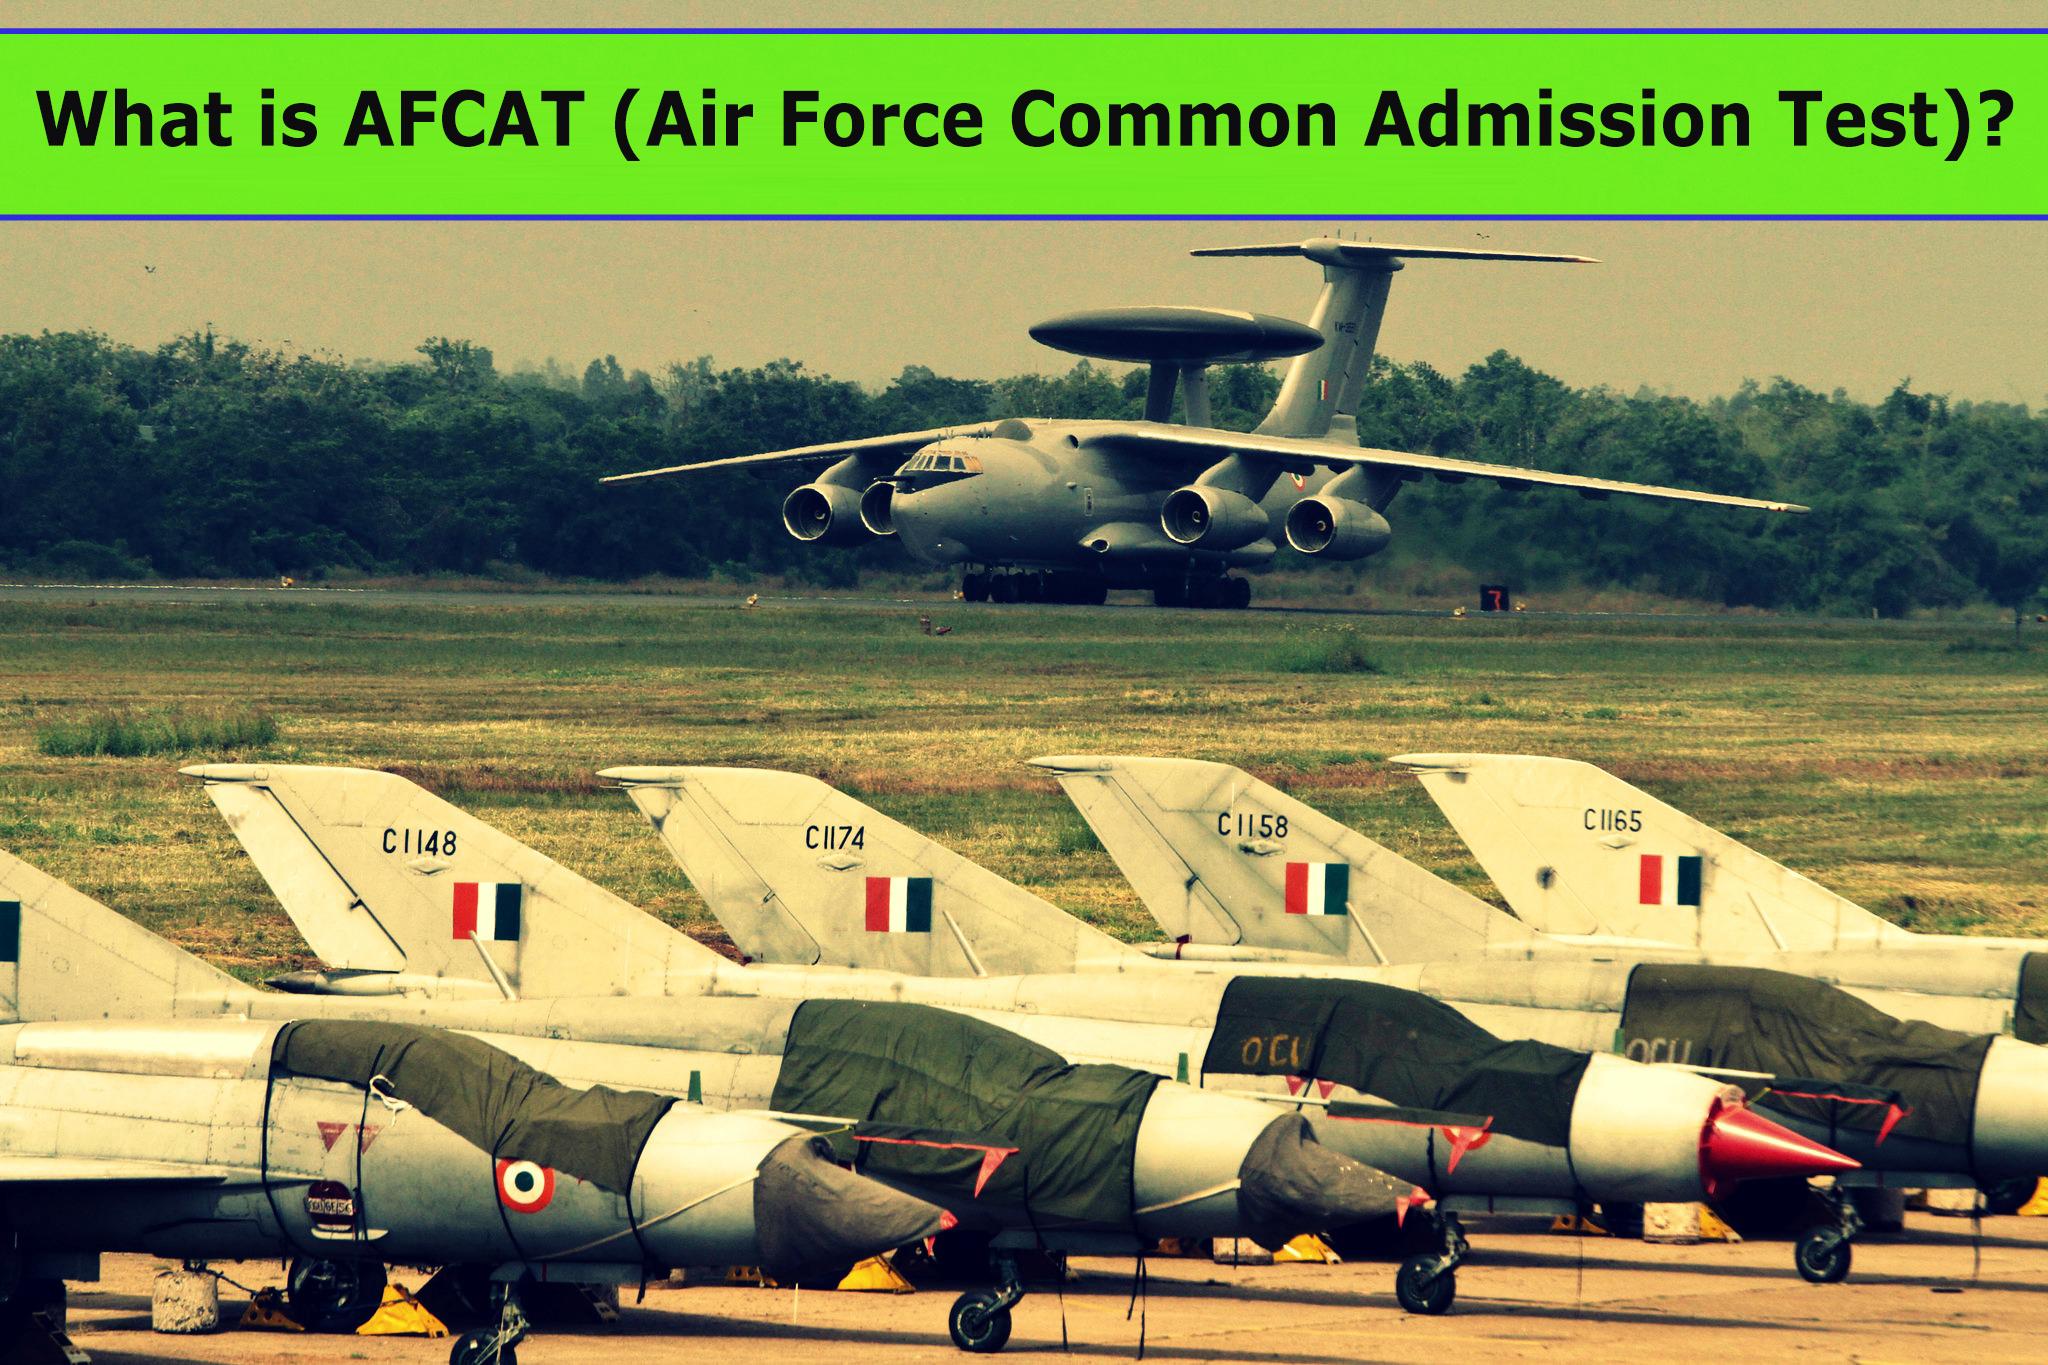 What is AFCAT?